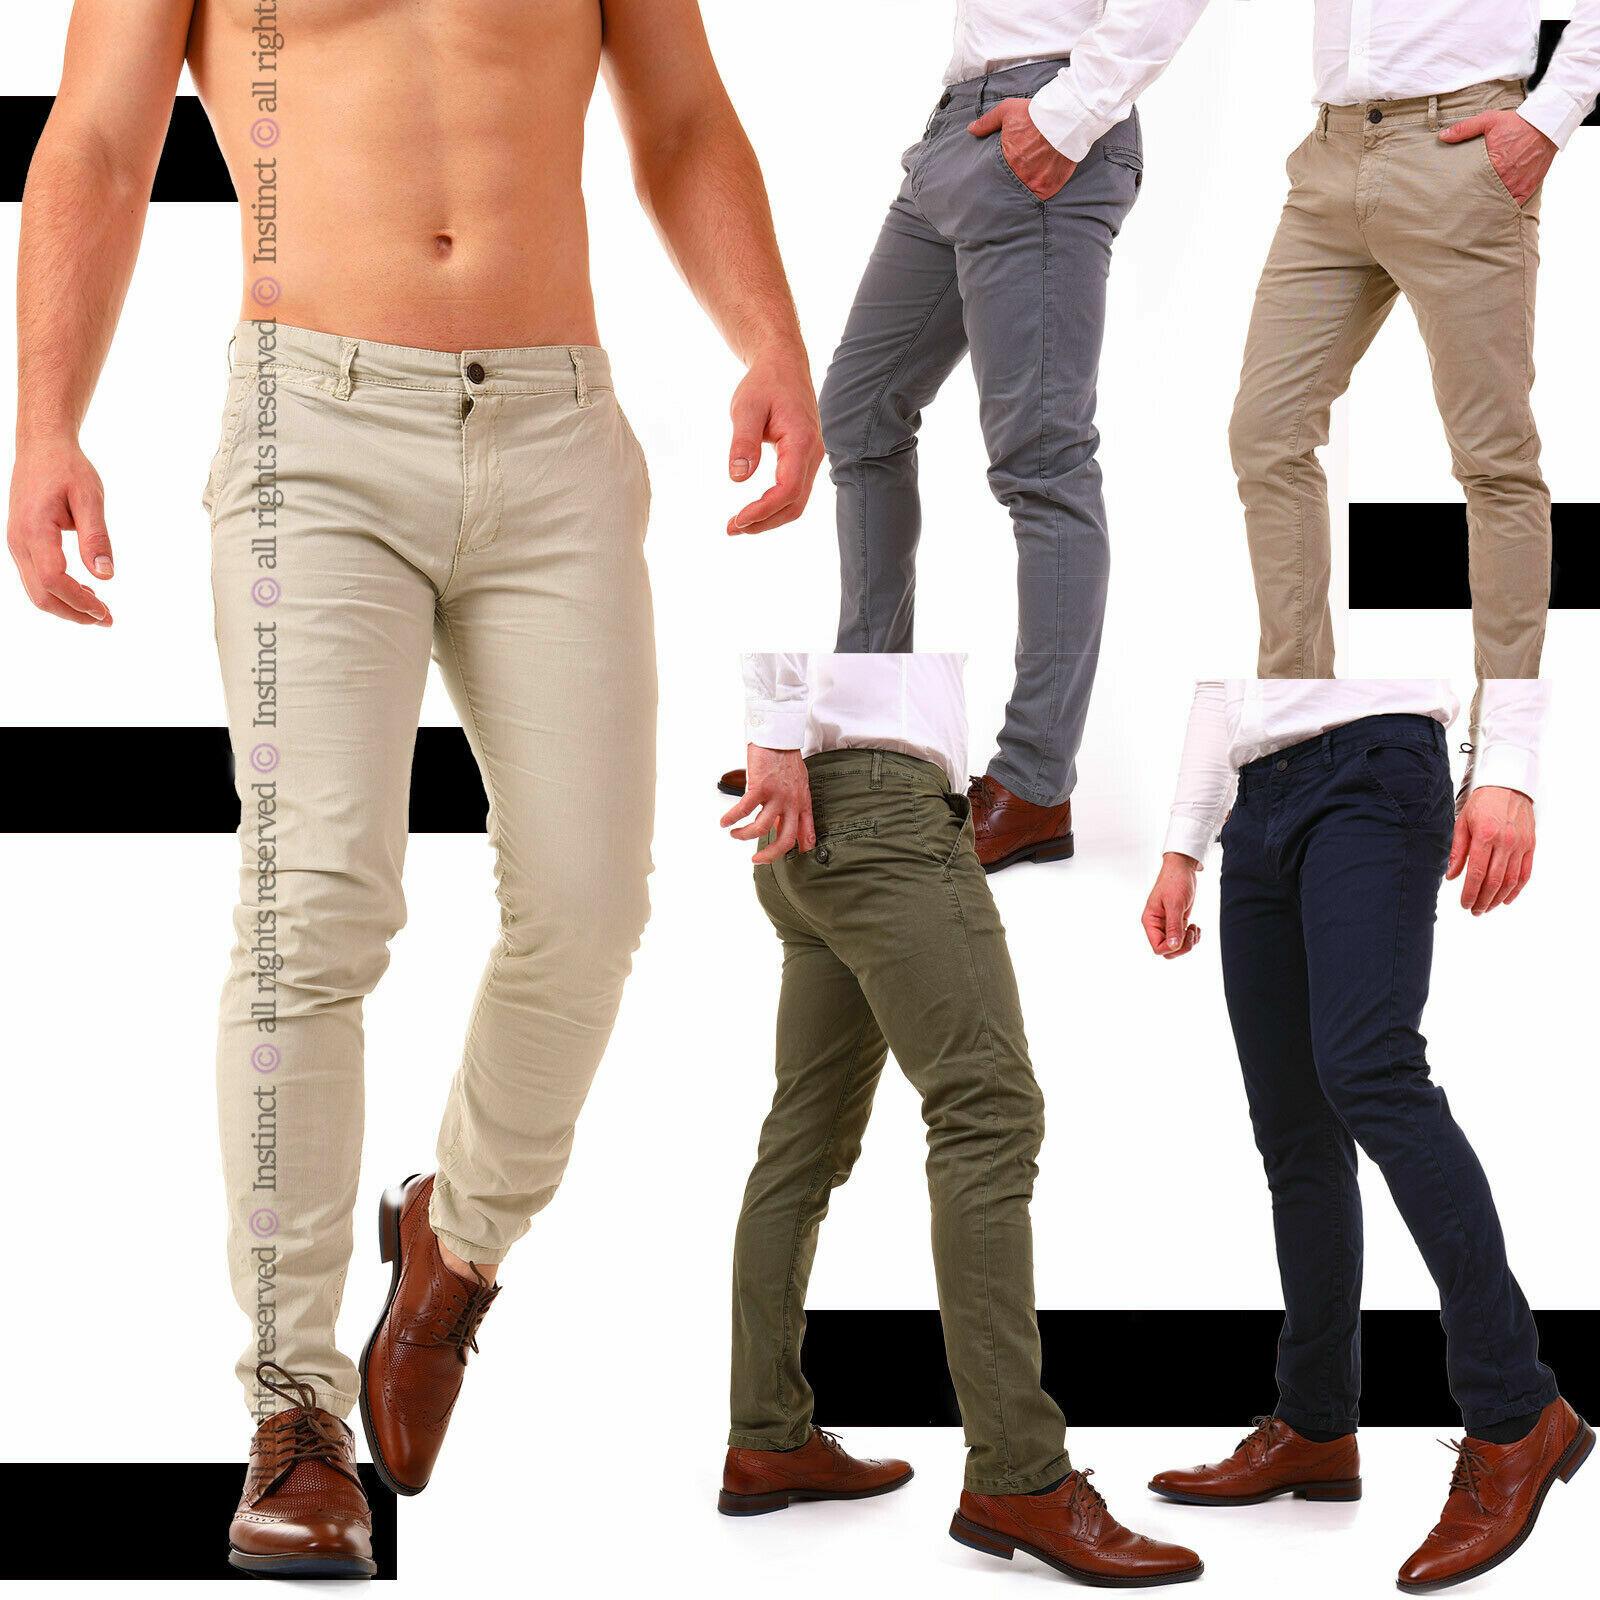 Pantaloni Uomo Slim Fit Chino Eleganti Classico da Ufficio Casual Cotone Estivi